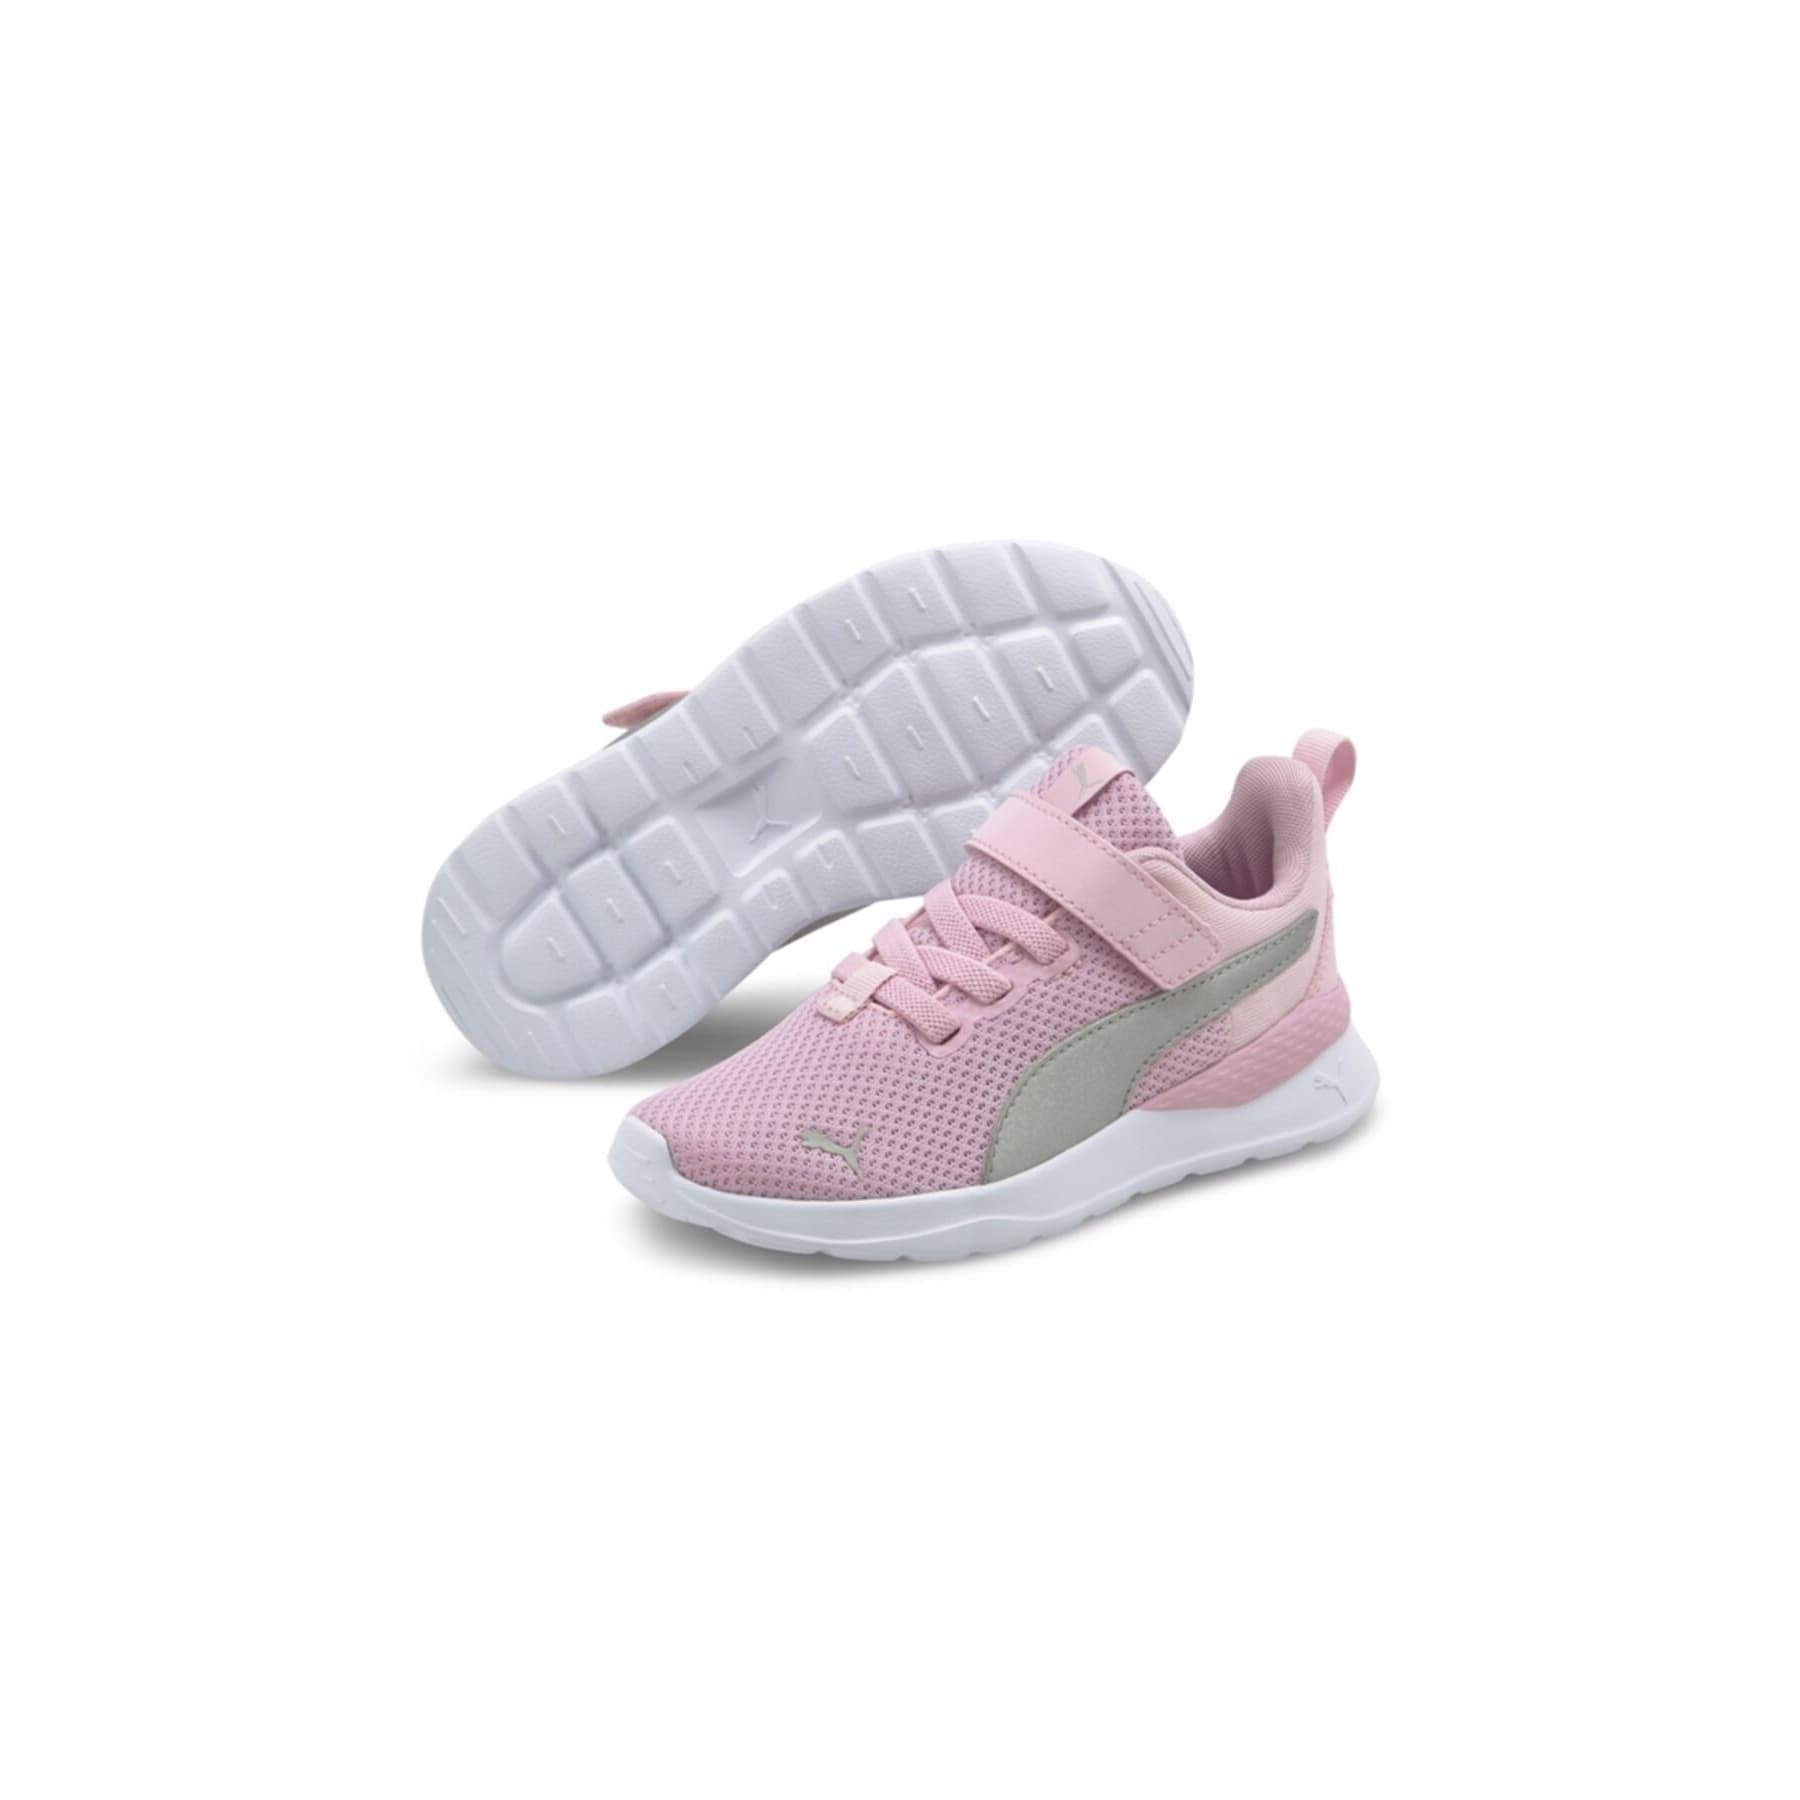 Anzarun Lite Çocuk Pembe Spor Ayakkabı (372009-13)